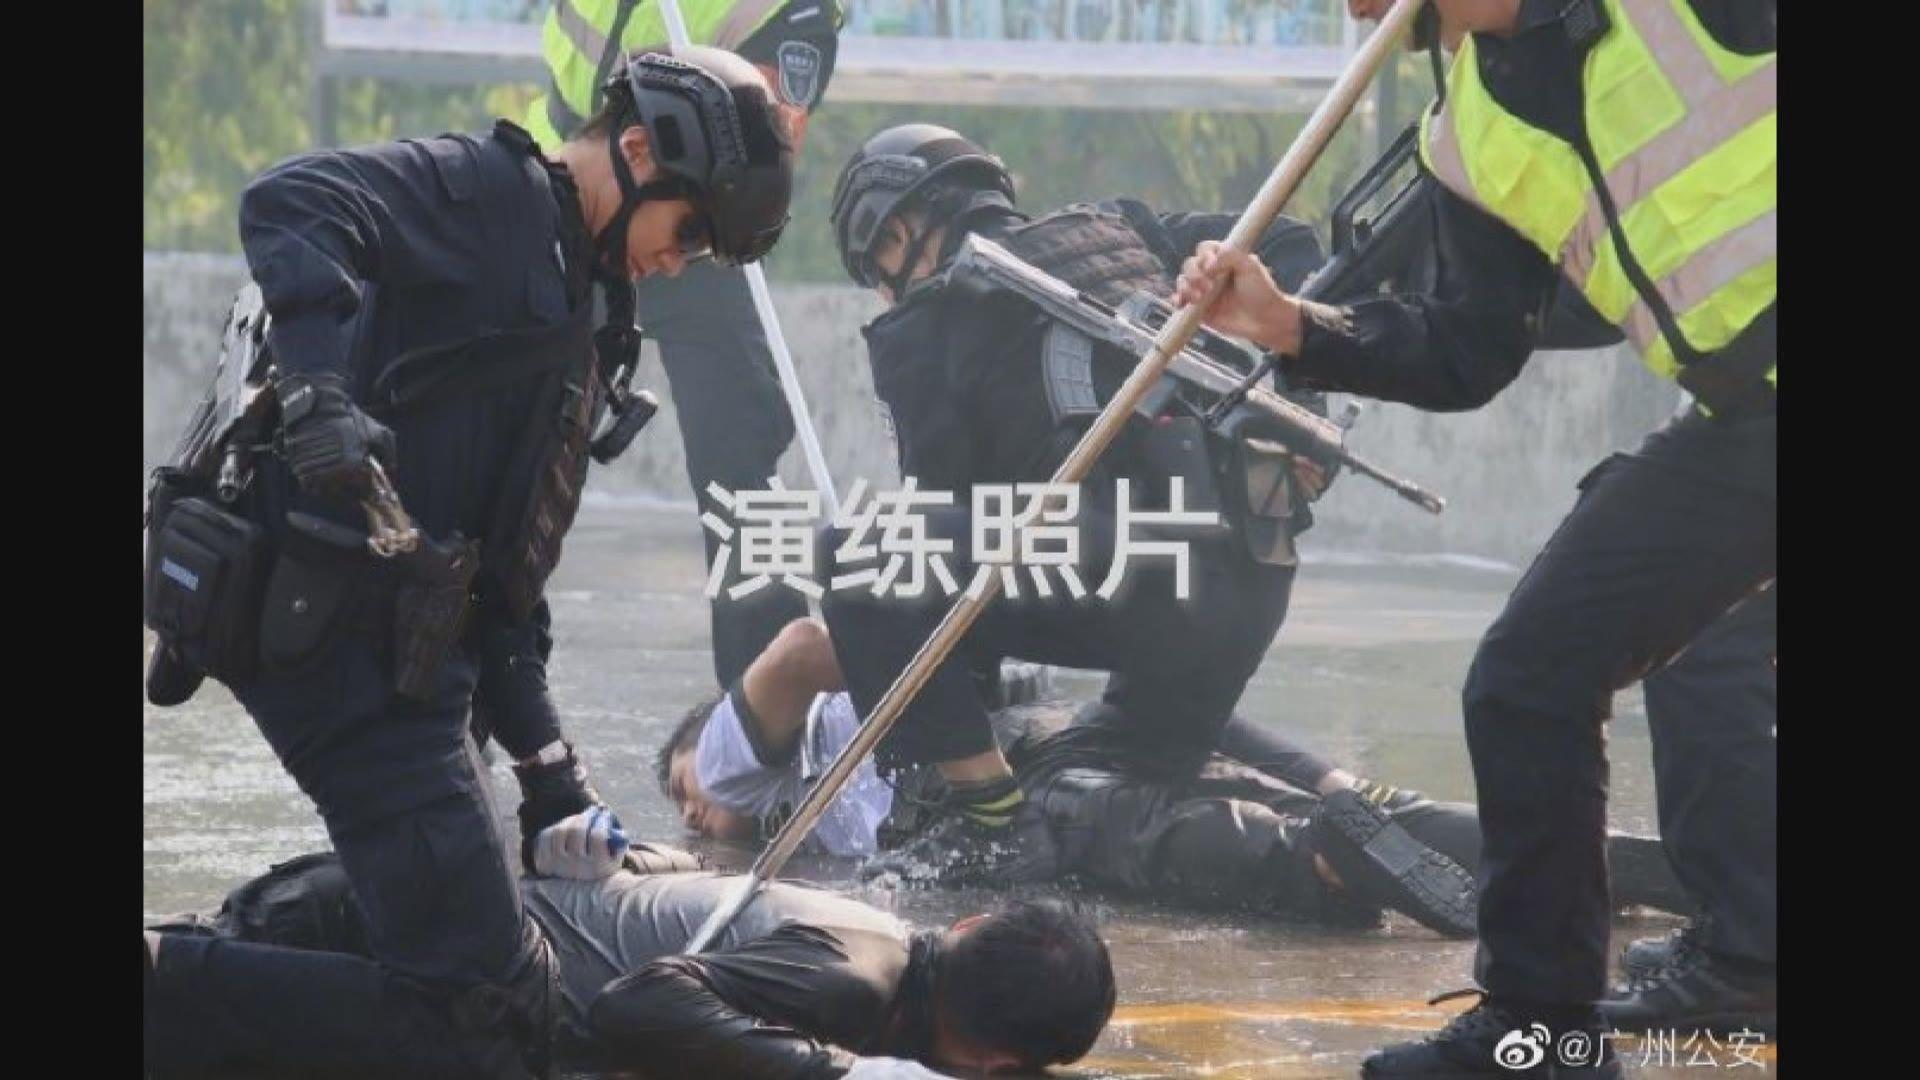 廣州市內舉行反恐維穩處置演練